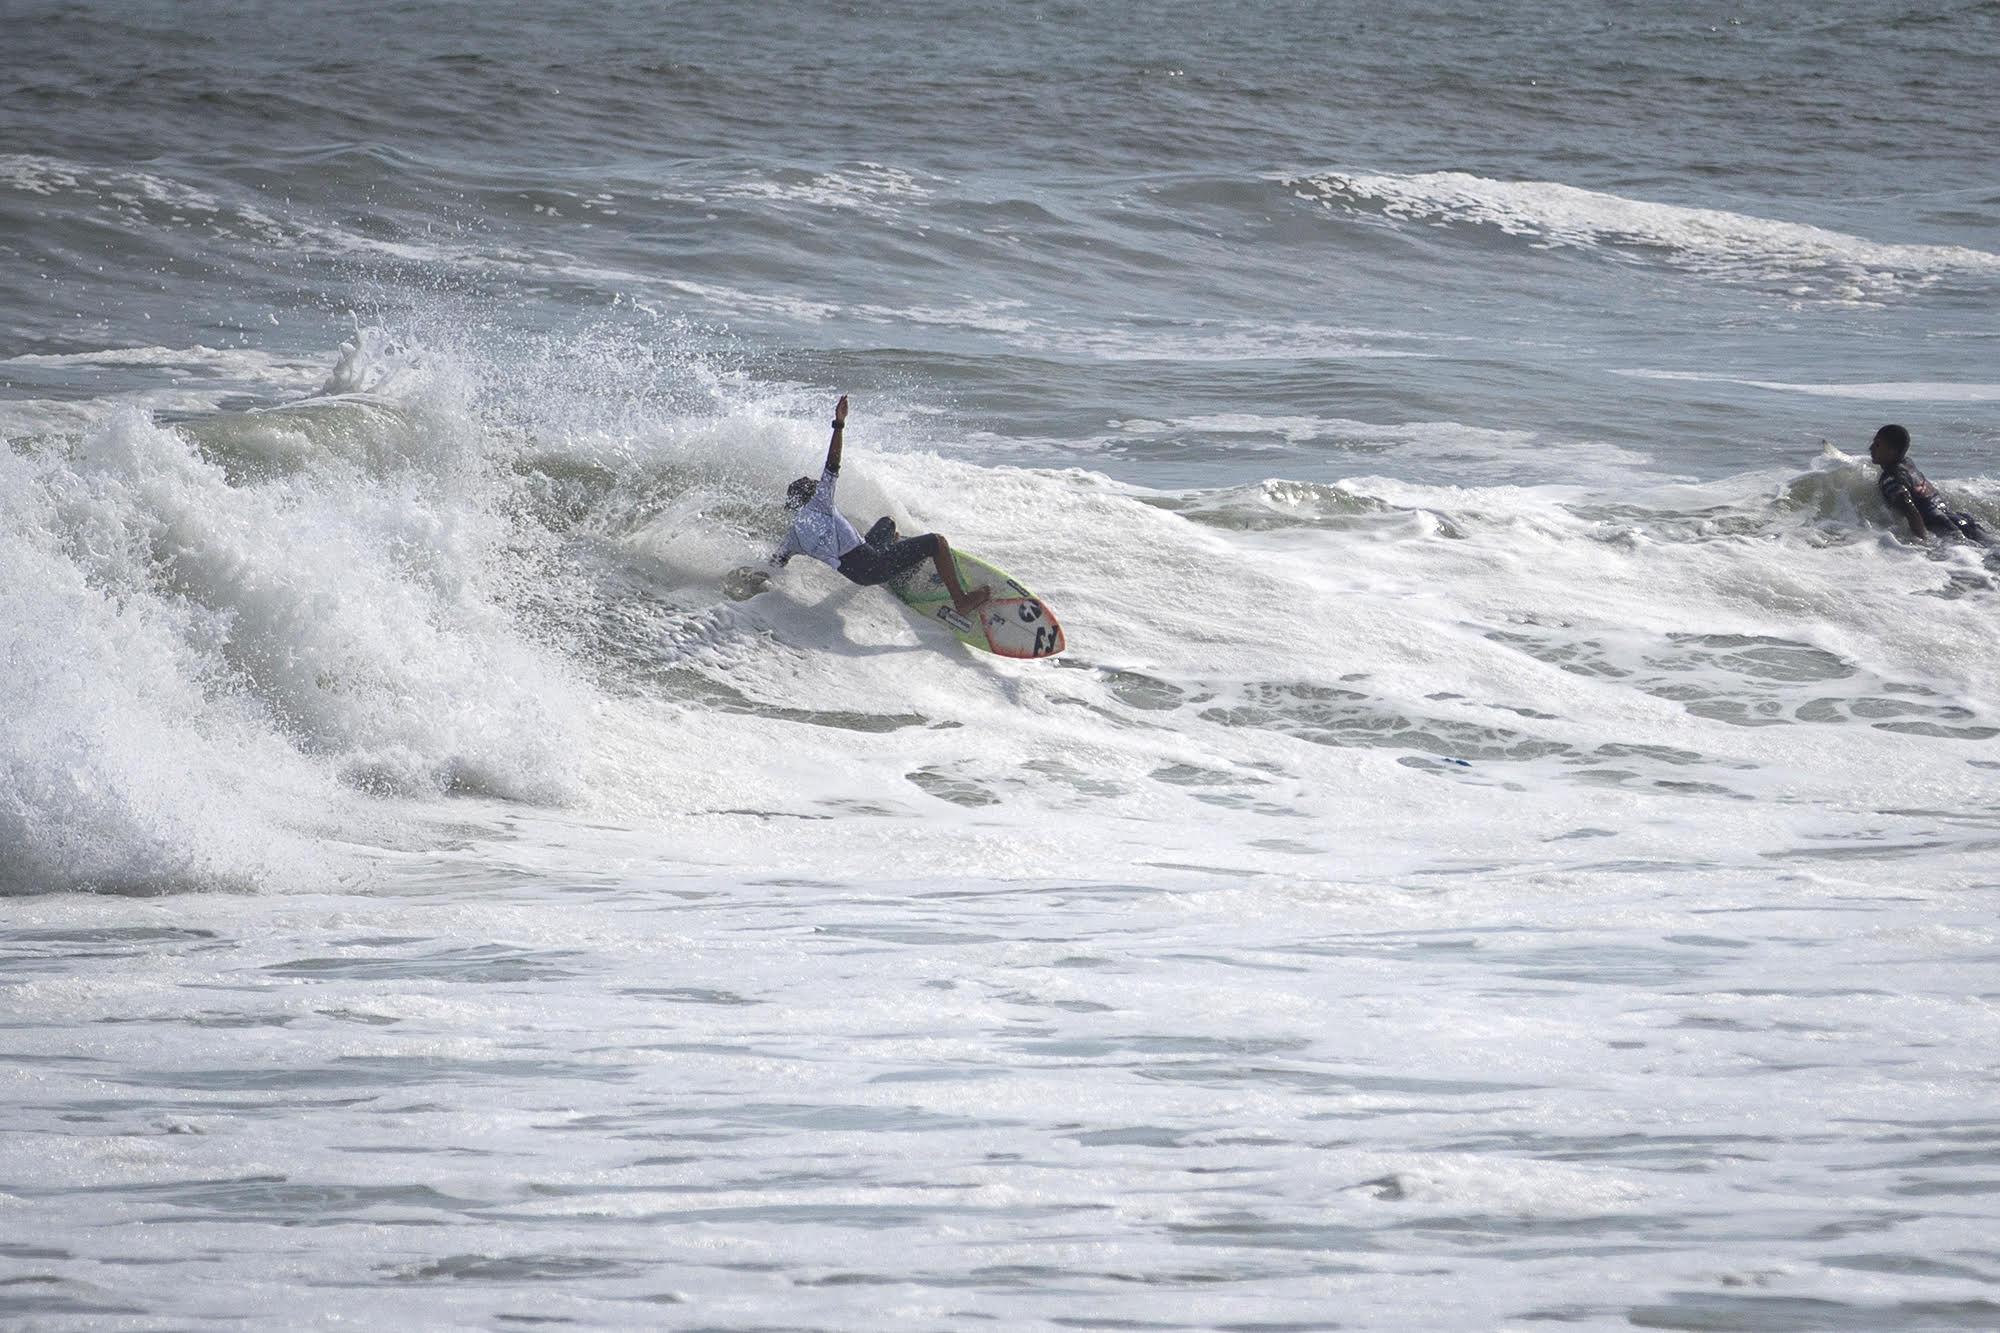 [PORTADA] Carlos Zevallos ejecutando un layback en Punta Roquitas